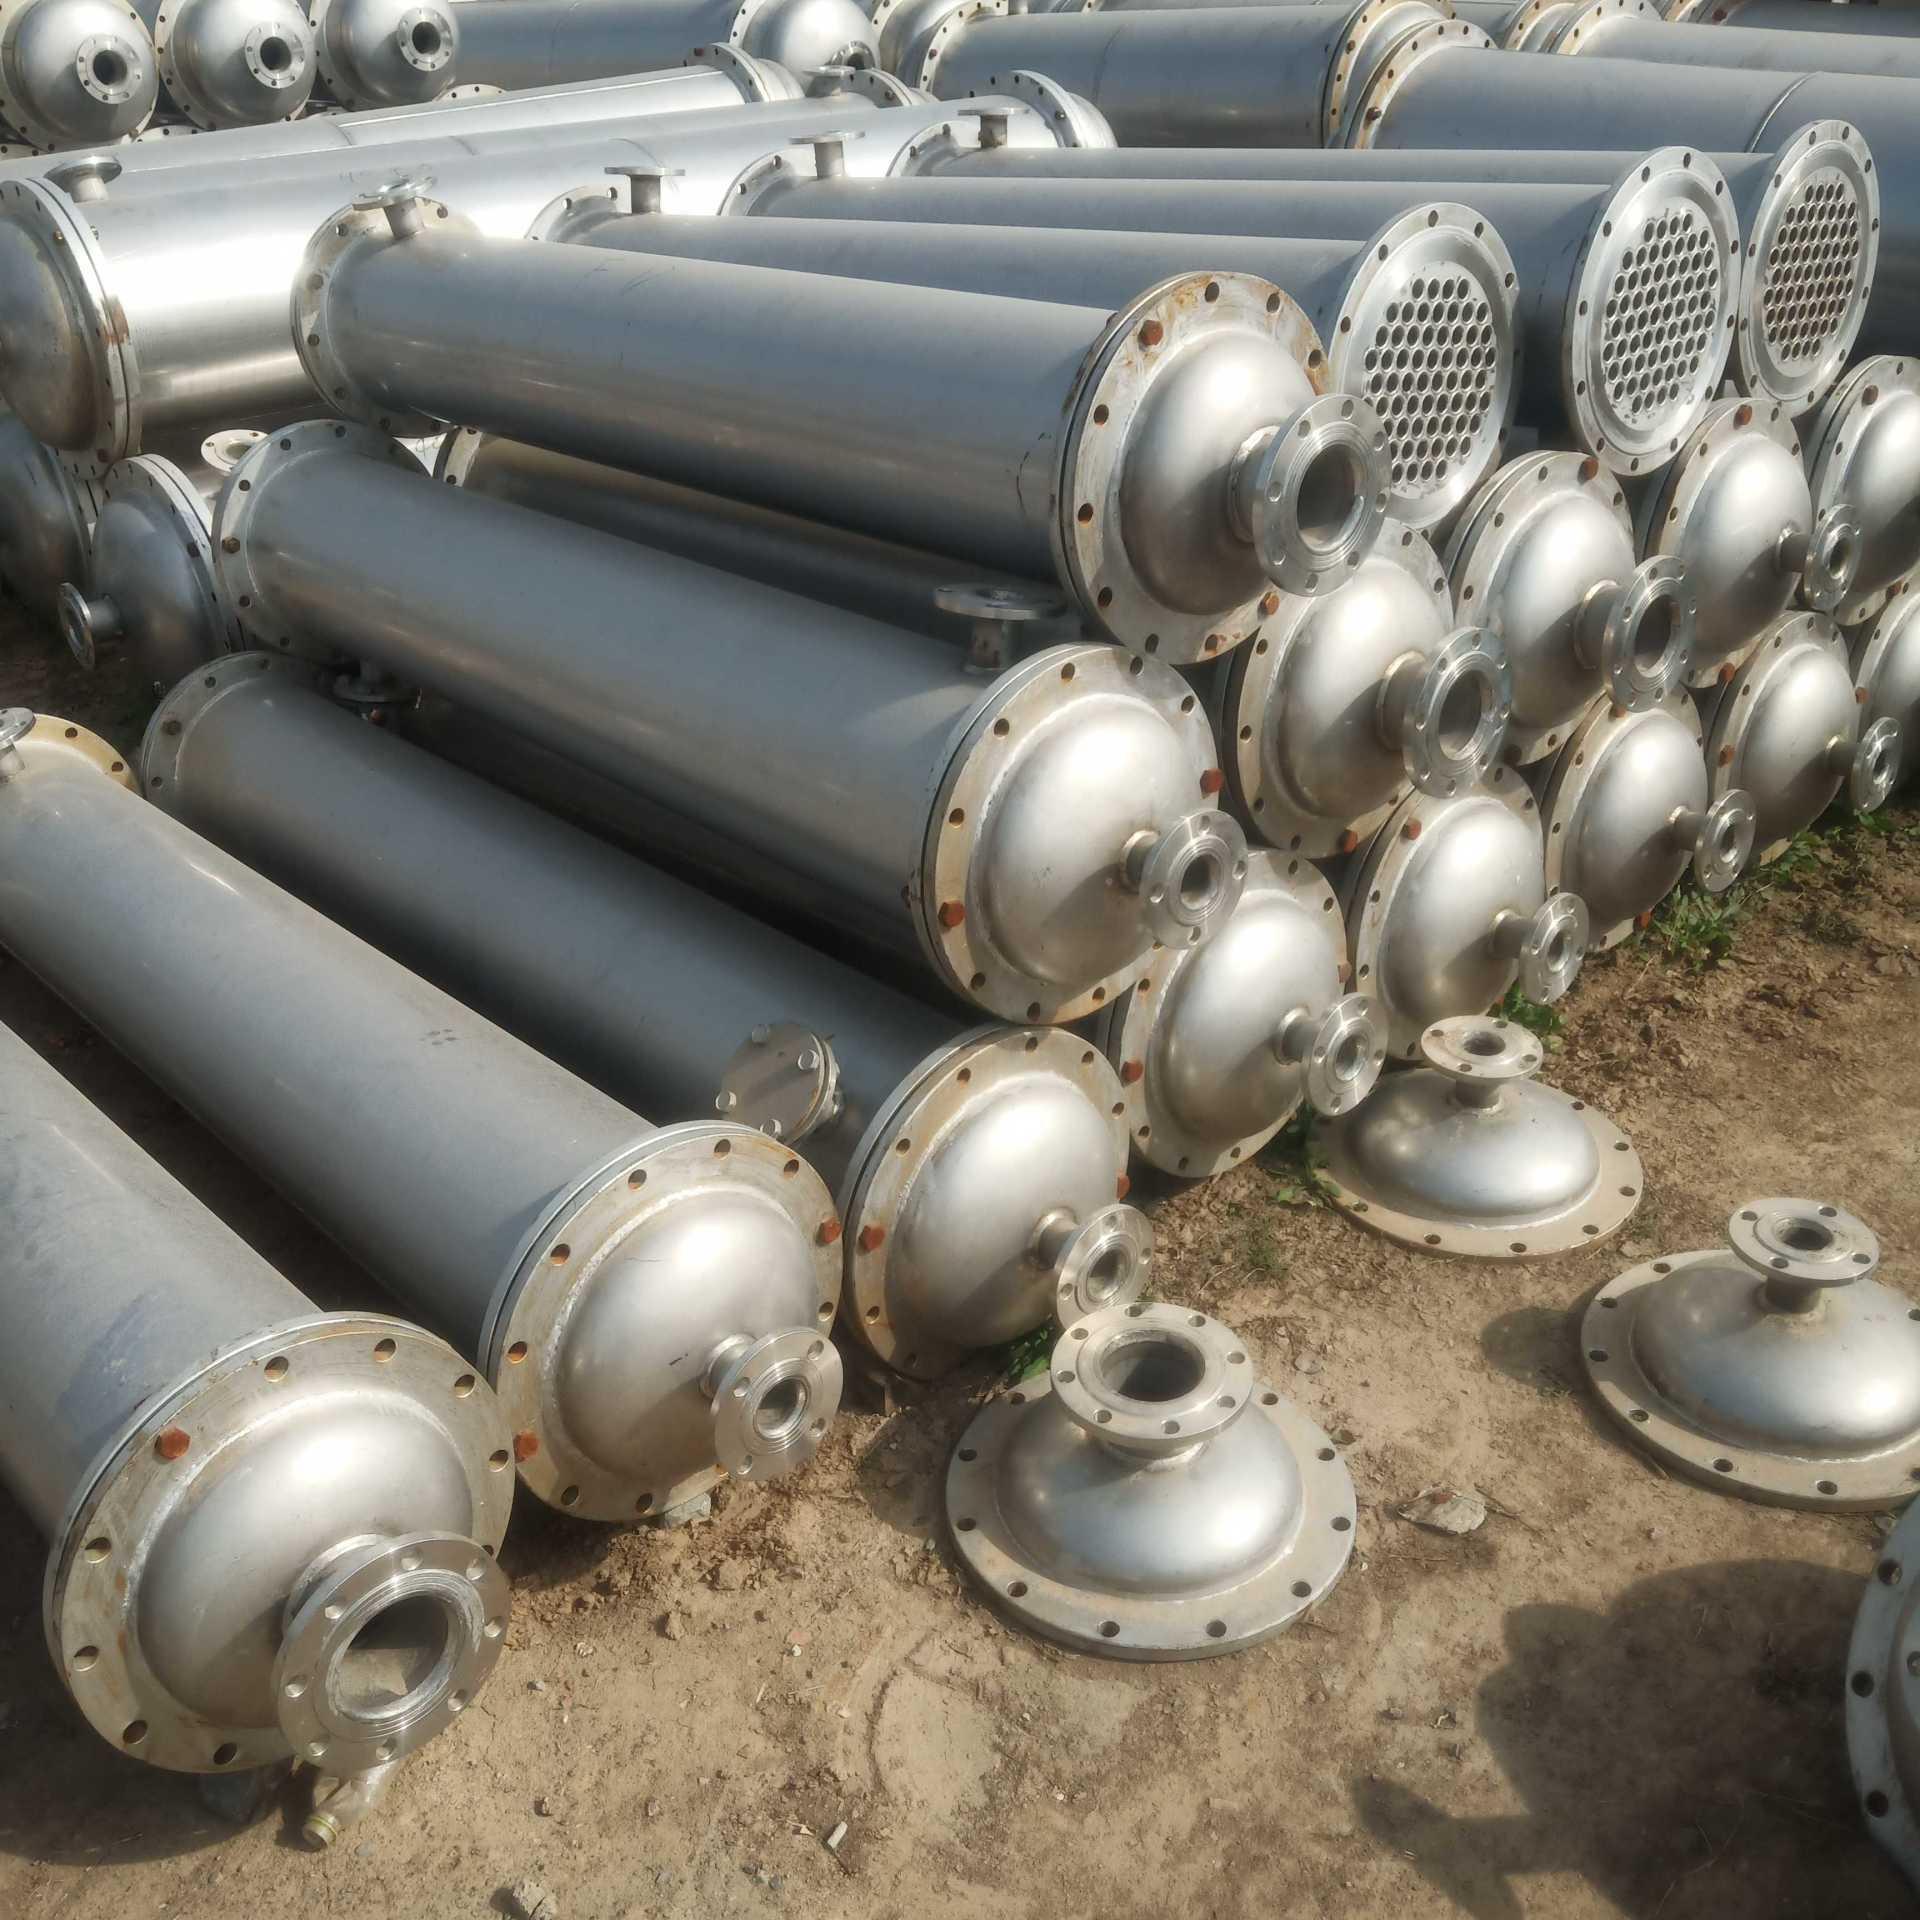 不銹鋼冷凝器 二手不銹鋼冷凝器 梁山玉民設備購銷 來電咨詢